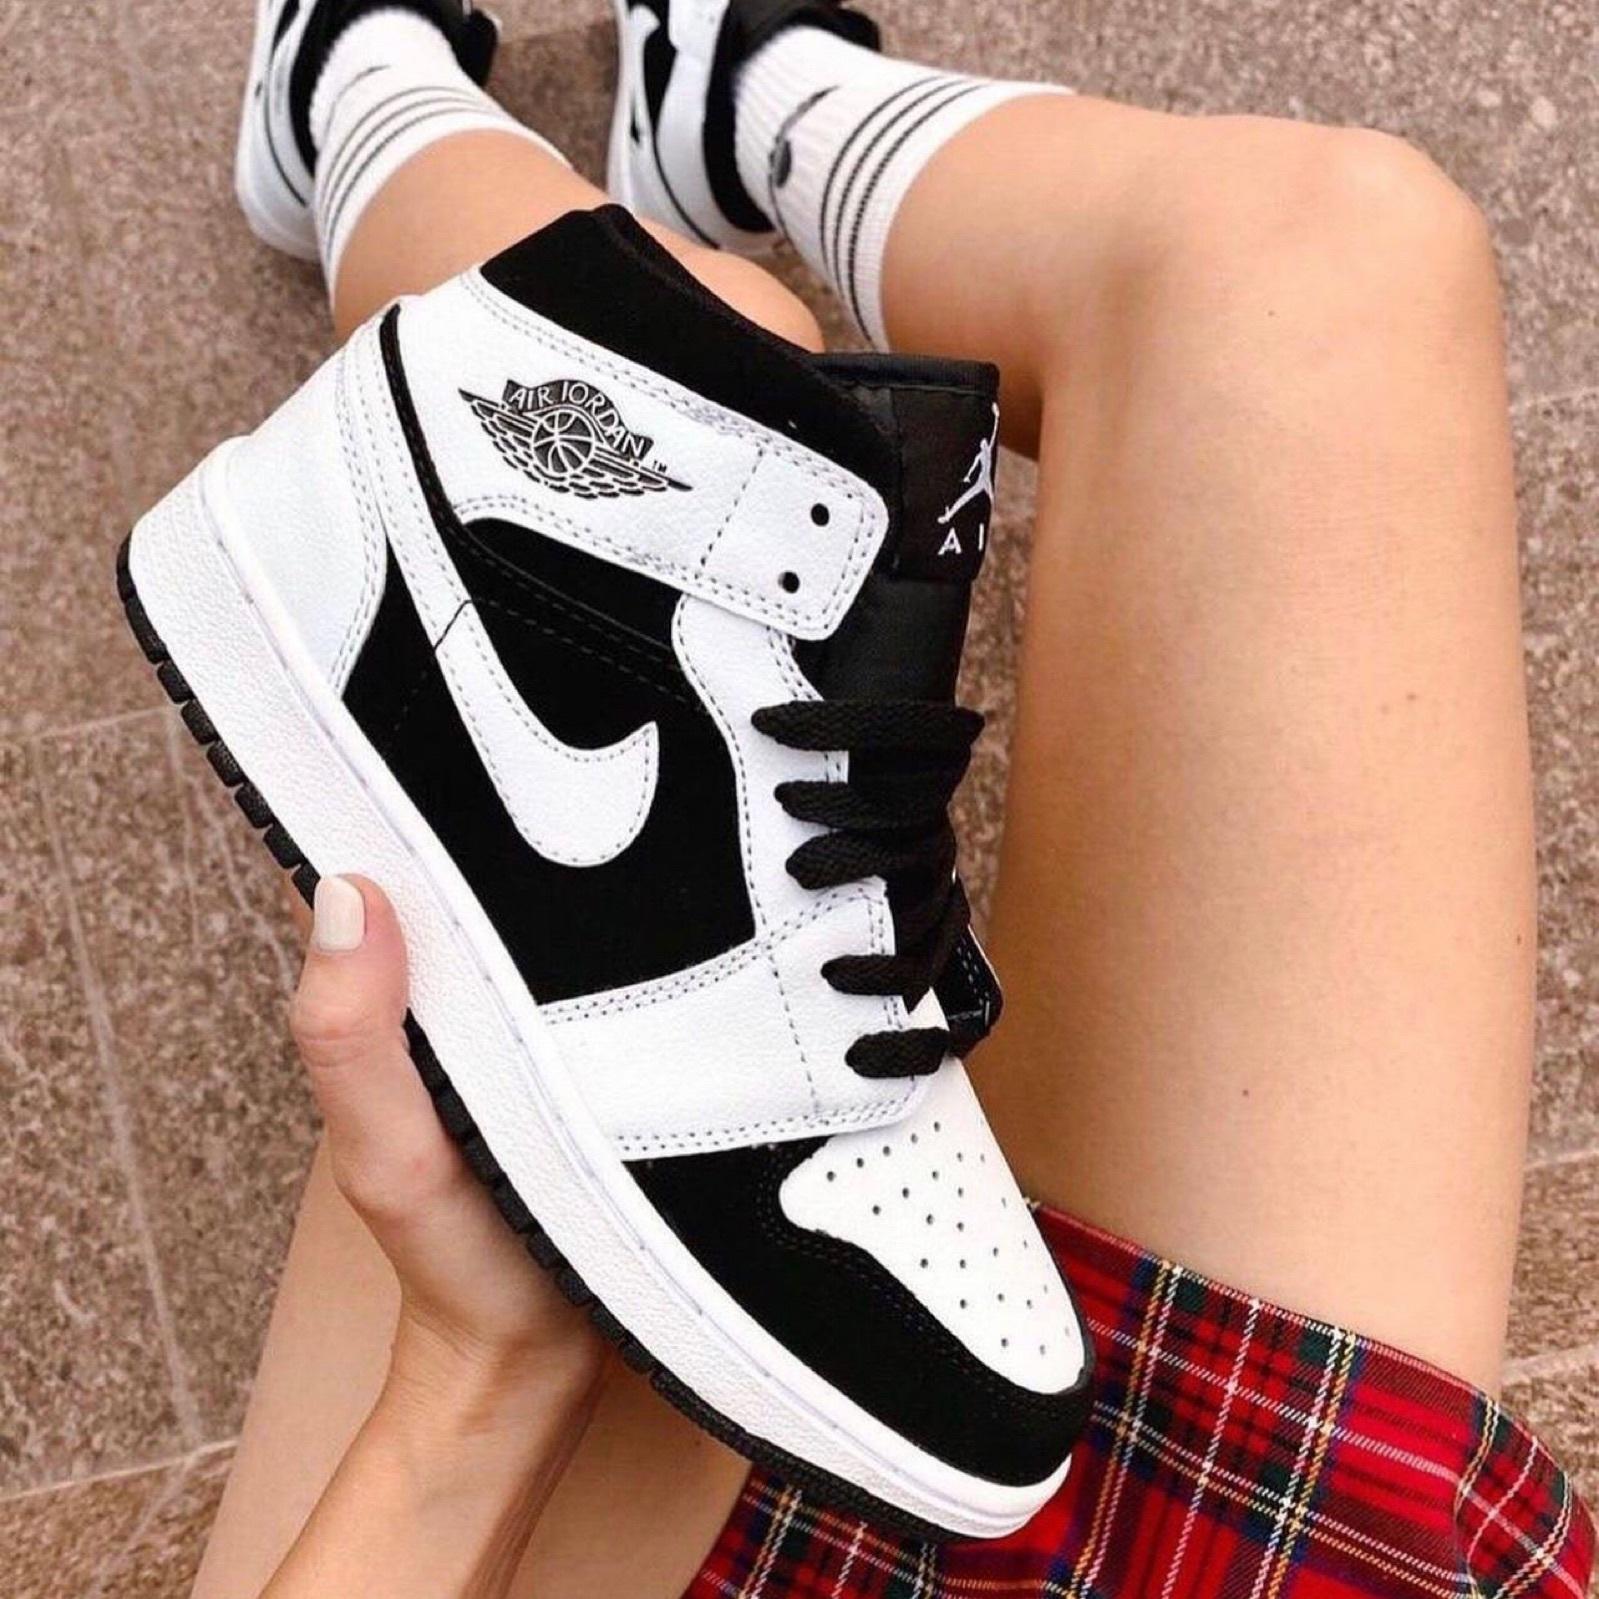 Nike Air Jordan 1 Panda